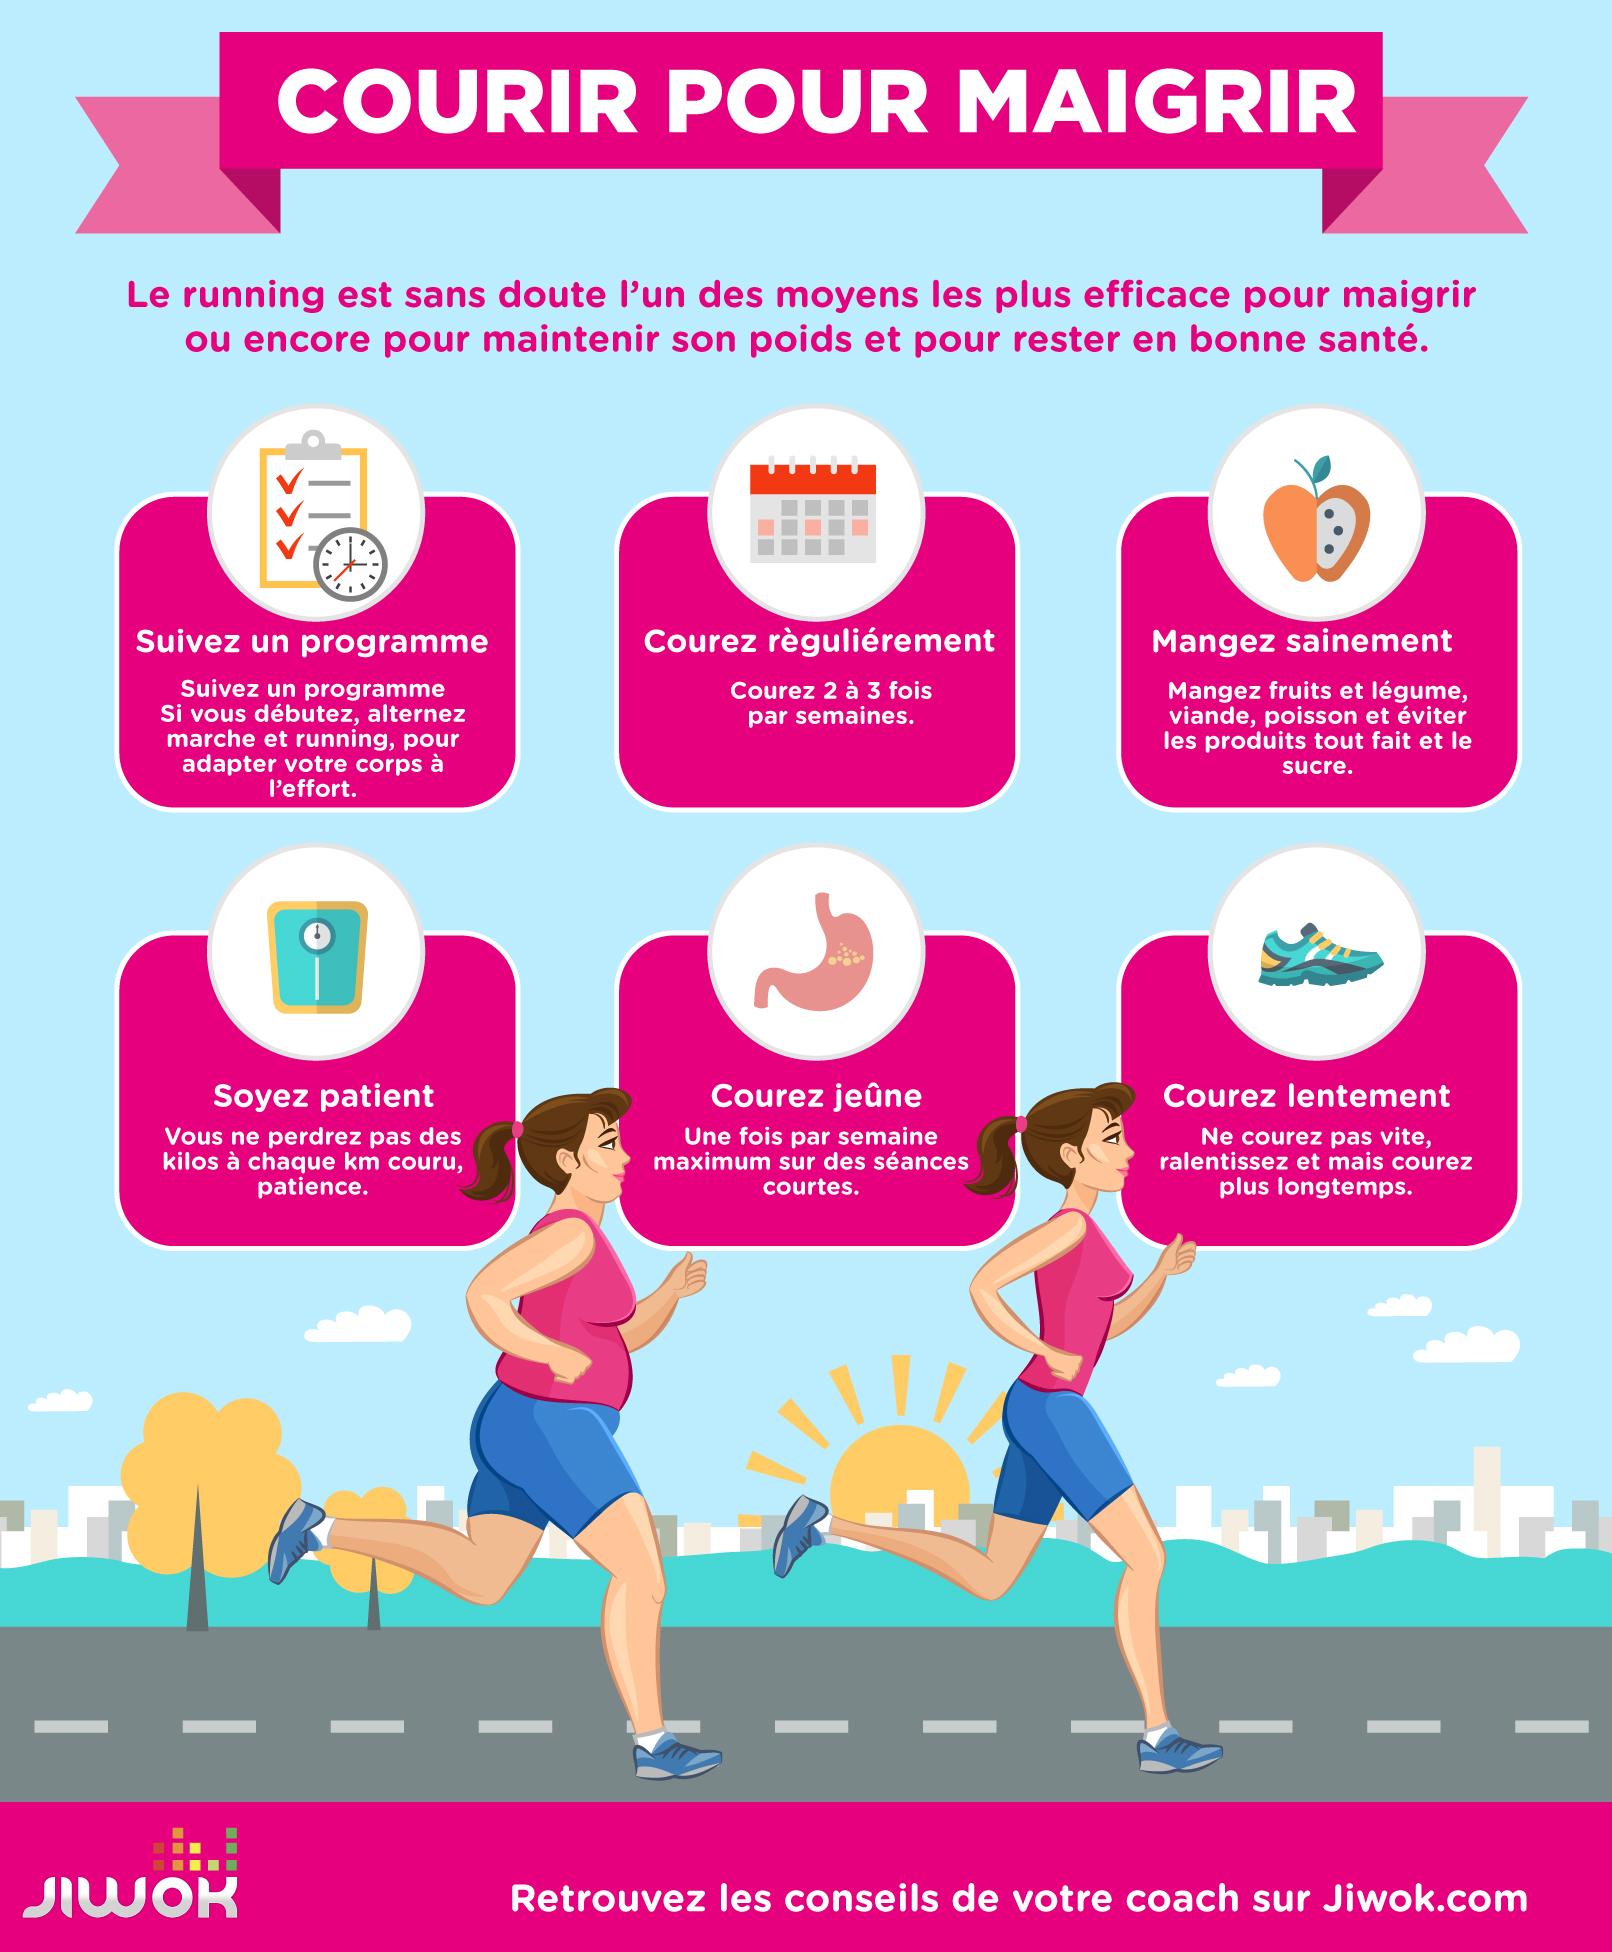 perdre 5 graisses corporelles en 10 semaines les abdos aident-ils à brûler la graisse du ventre